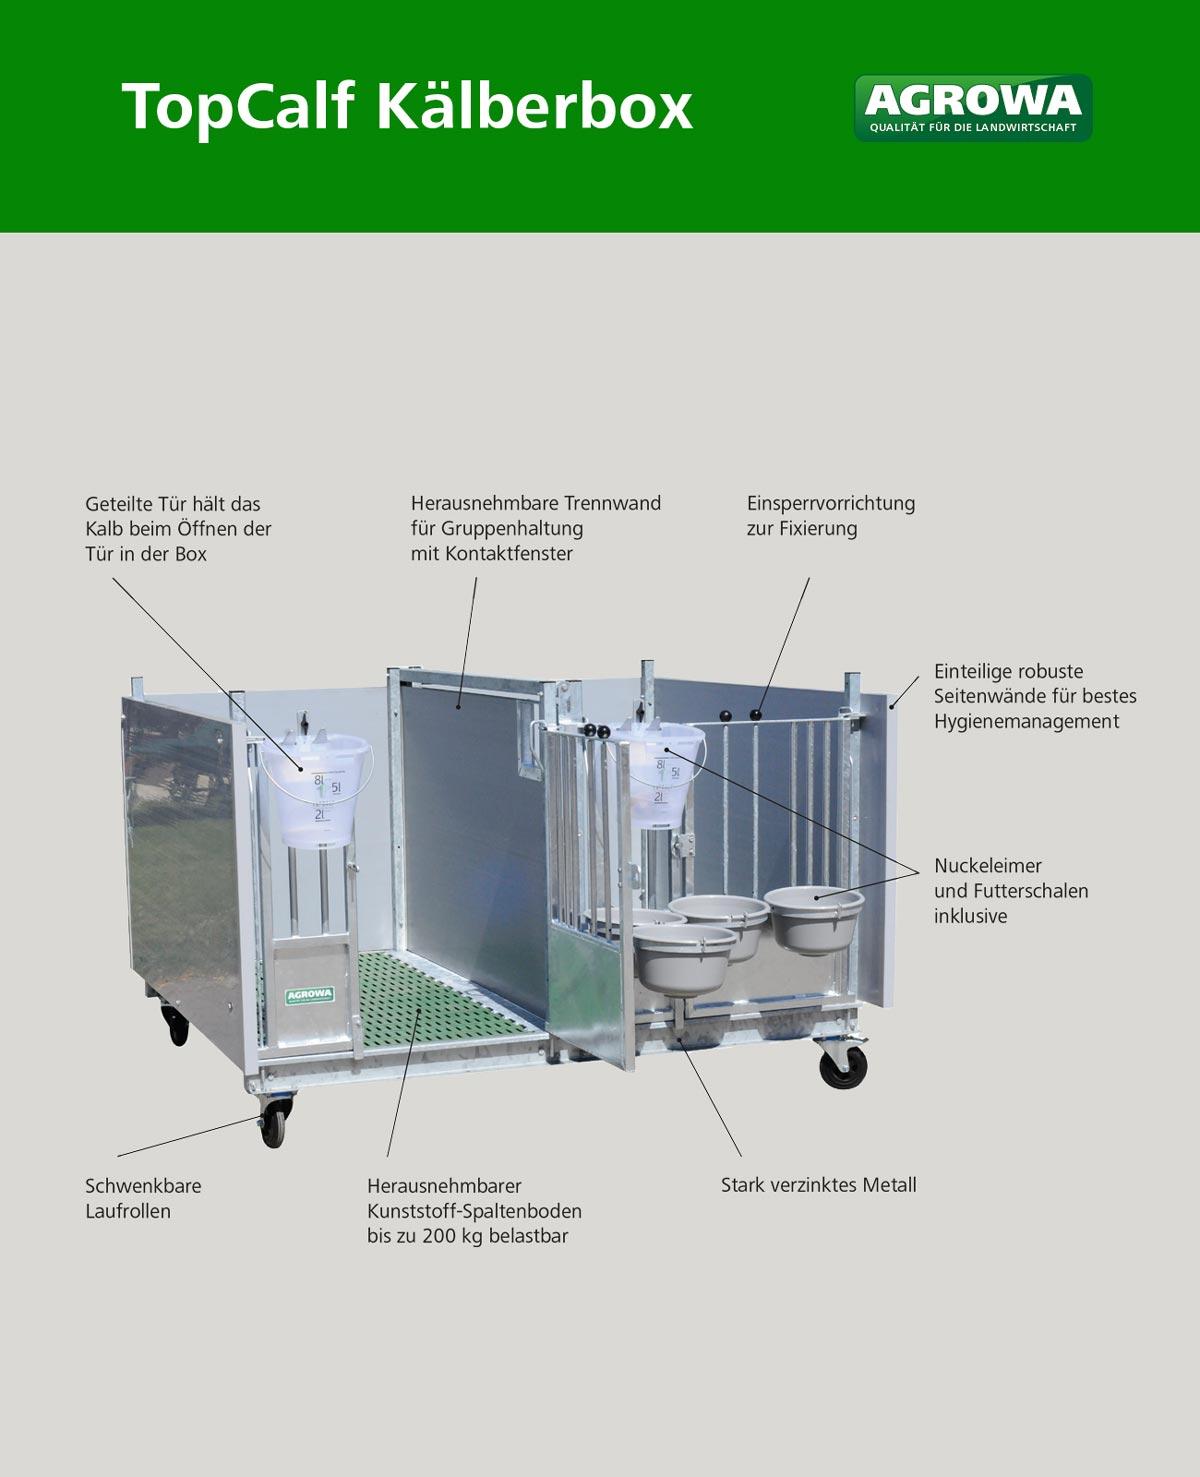 Schaubild 2 Kälberbox TopCalf AGROWA